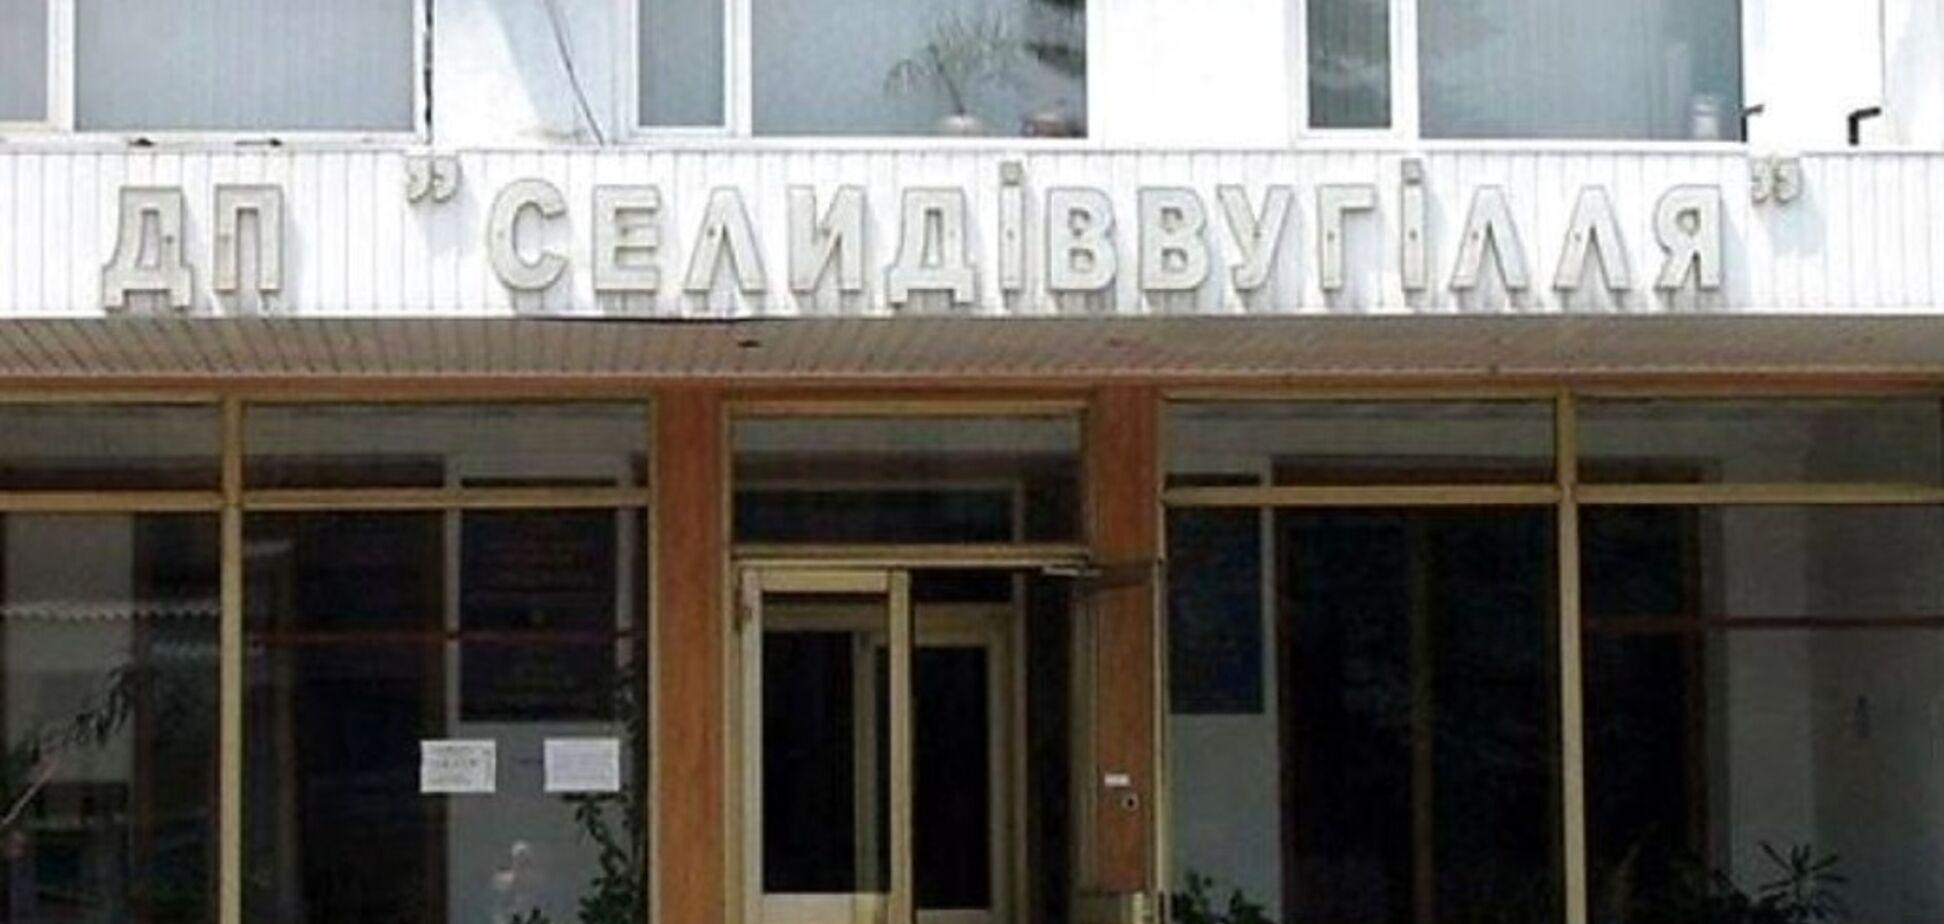 Насалик виділяє держкошти для видобутку вугілля з захоплених вугільних пластів у Донецькій області – профспілка